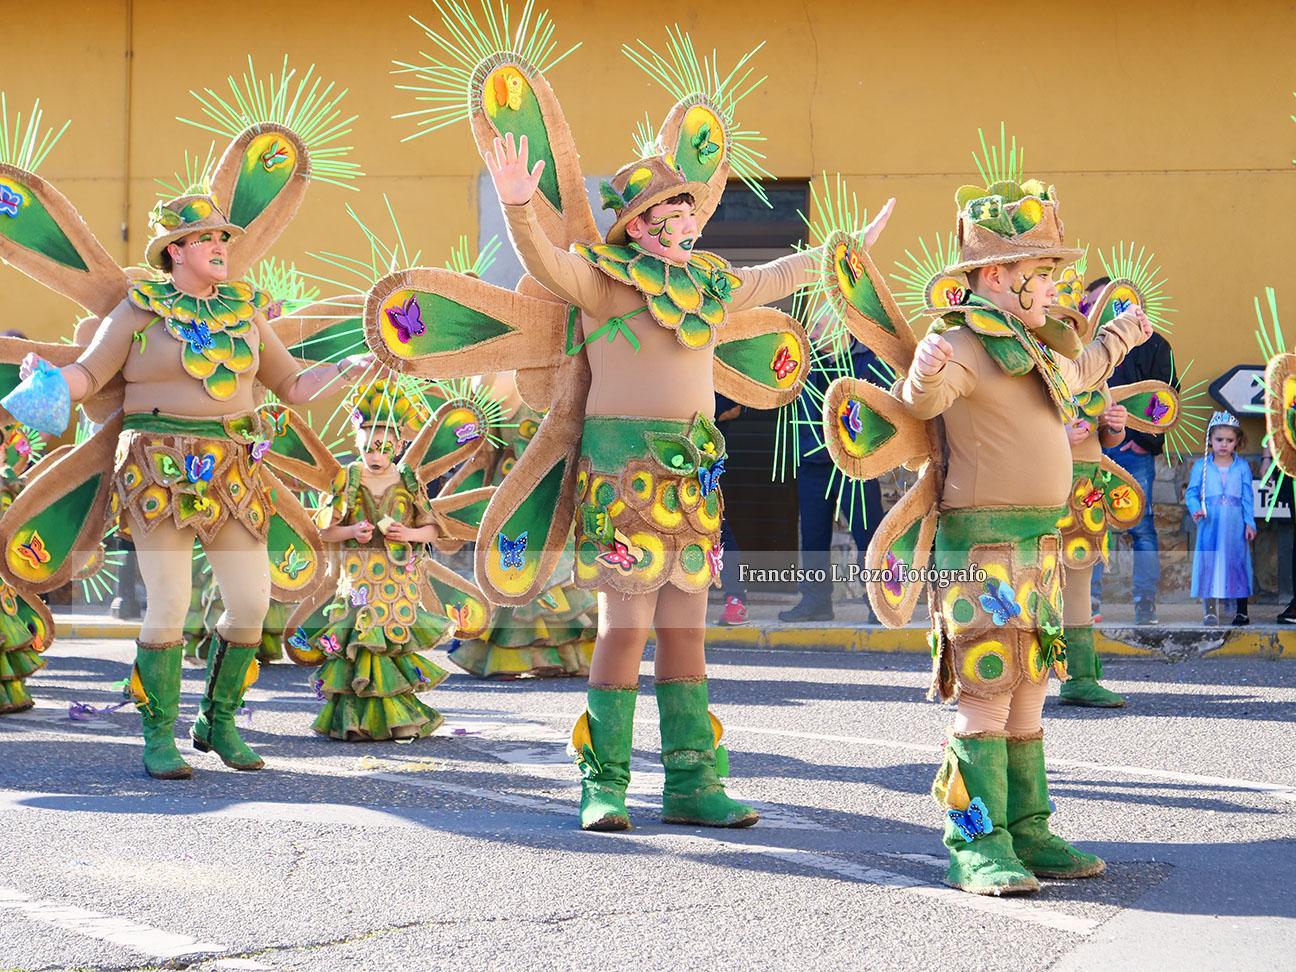 Carnaval 2020: Camponaraya sale a la calle a ritmo de comparsa 133